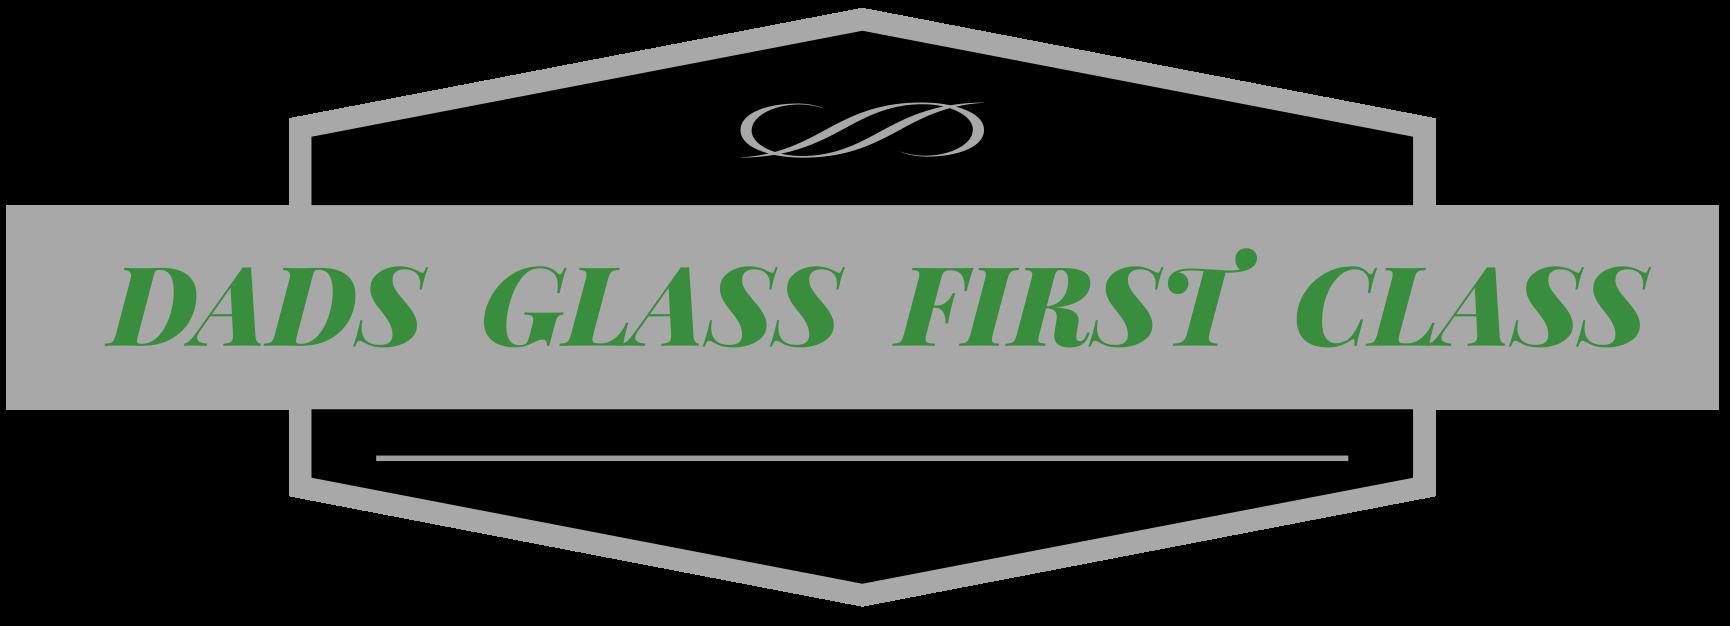 Dads Glass First Class        PH 0450 280 235